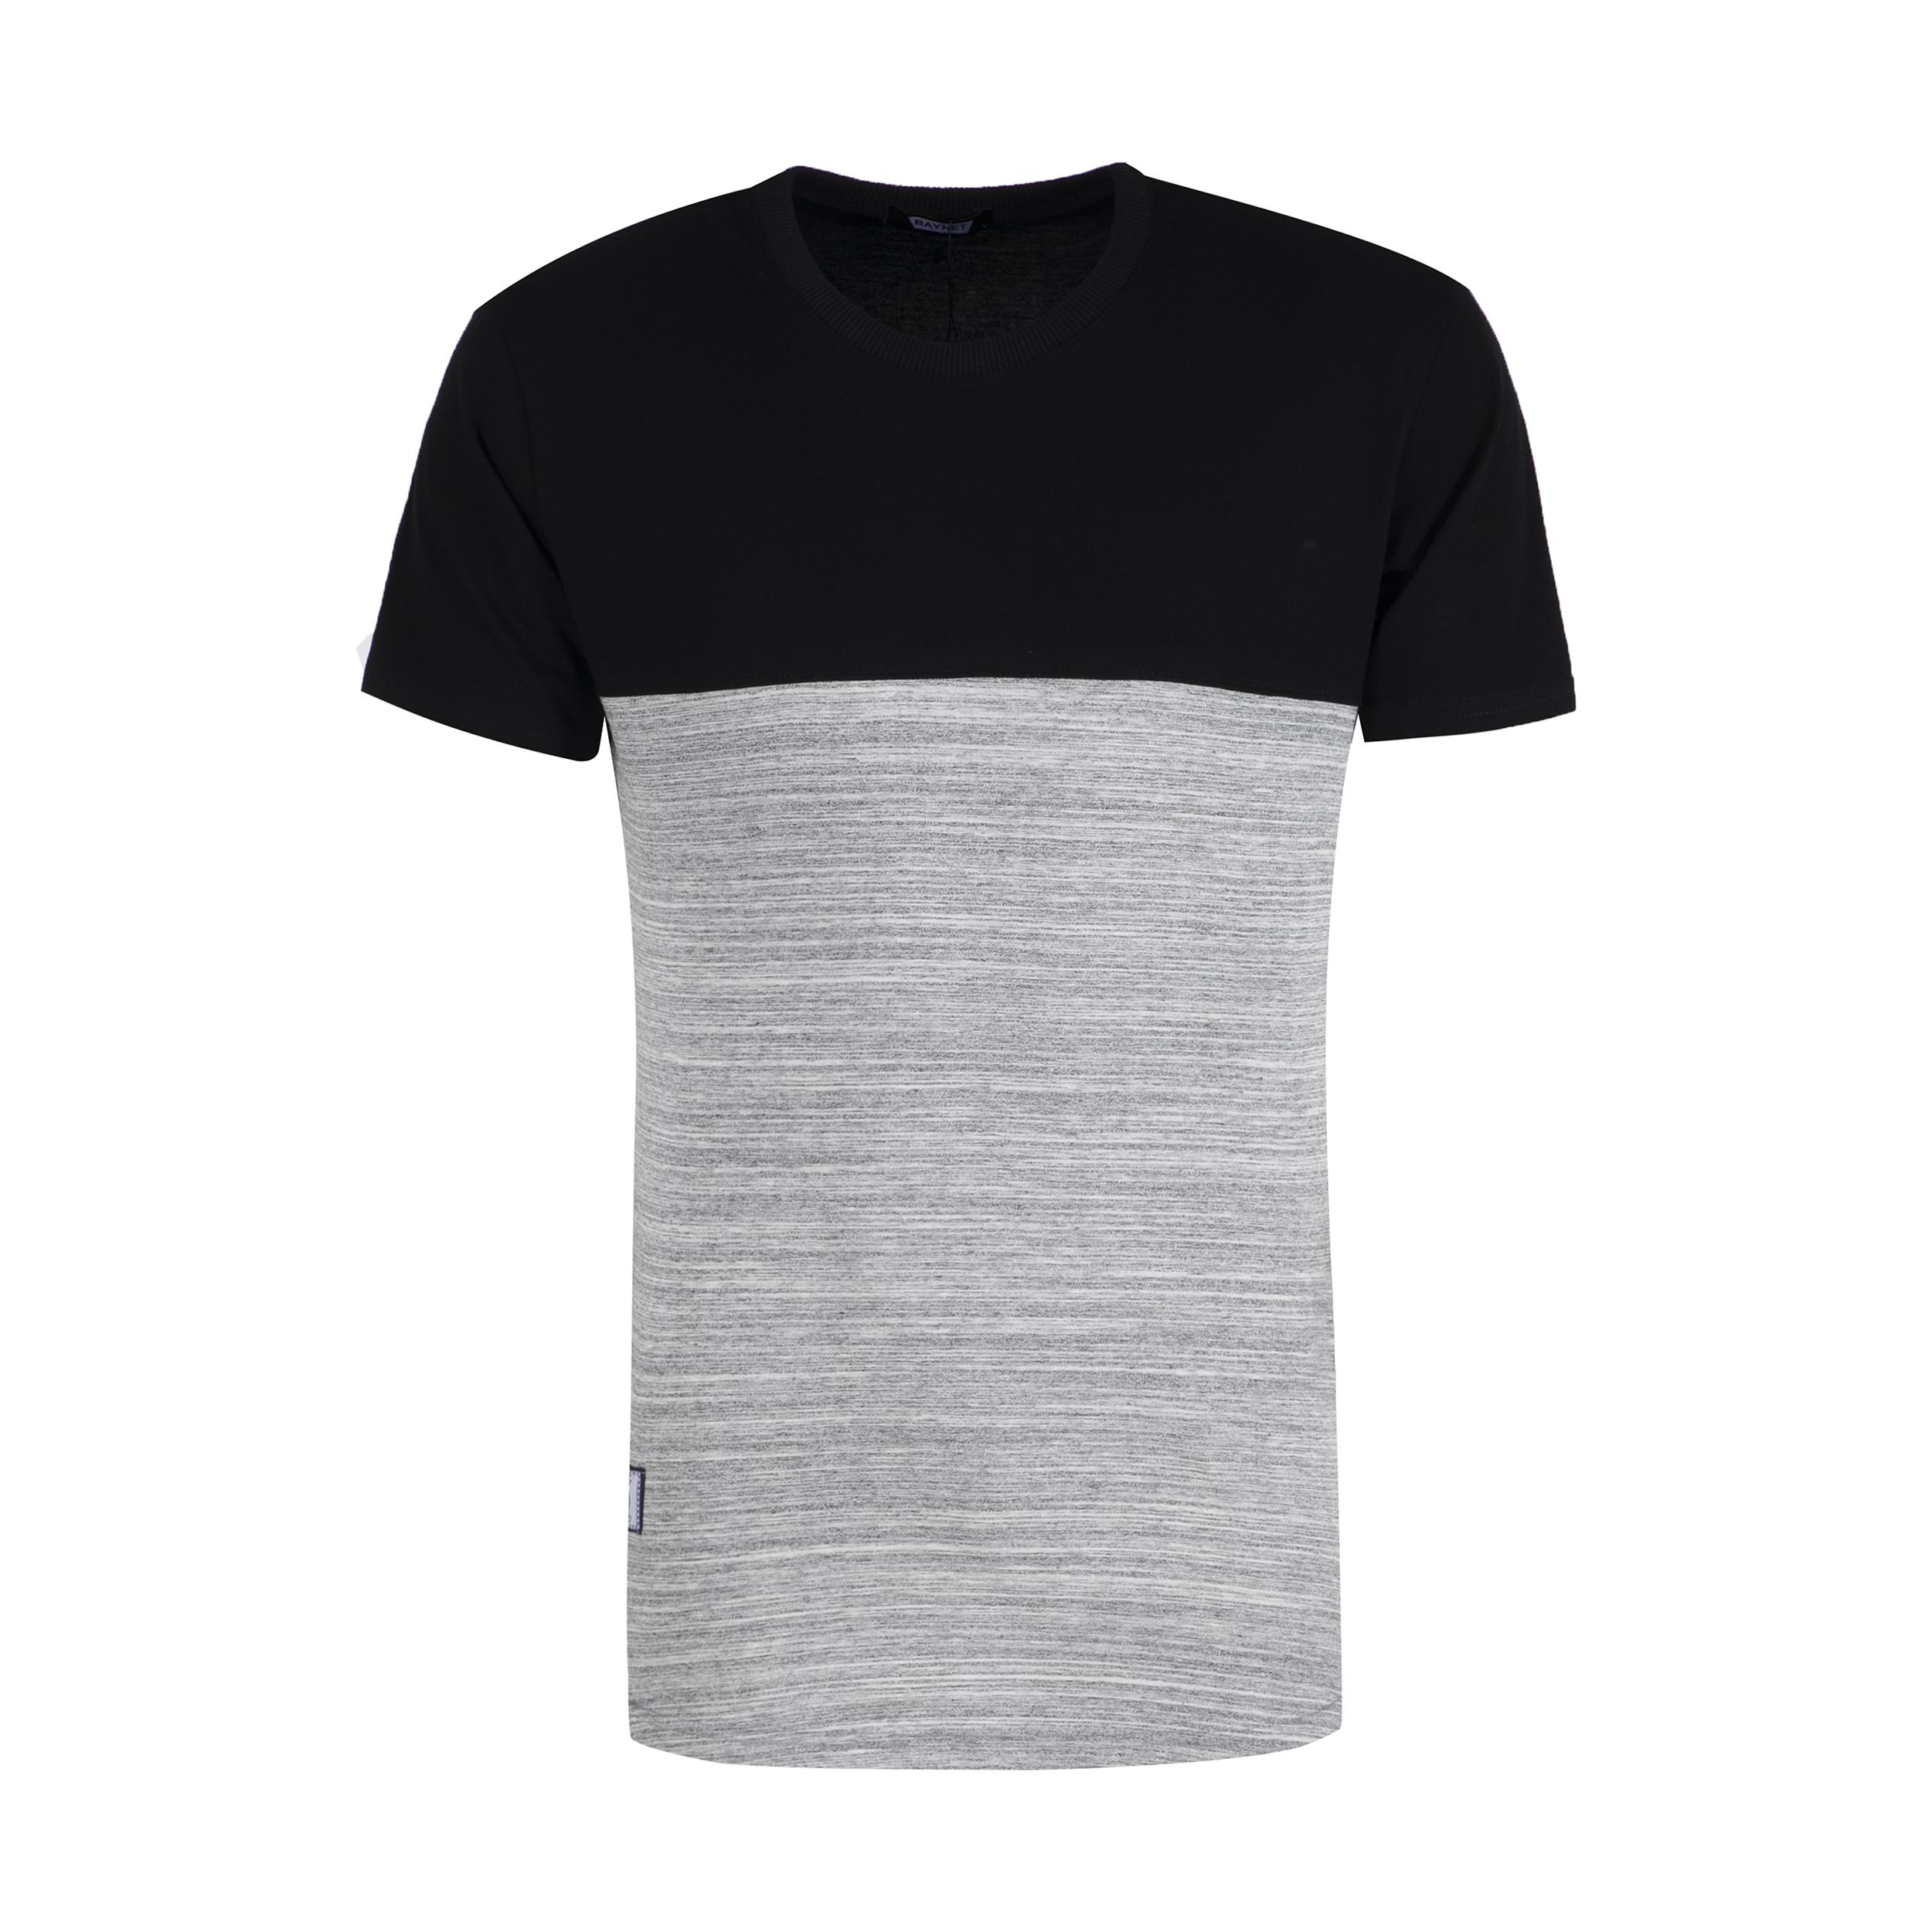 تی شرت مردانه باینت مدل 2261385-9399